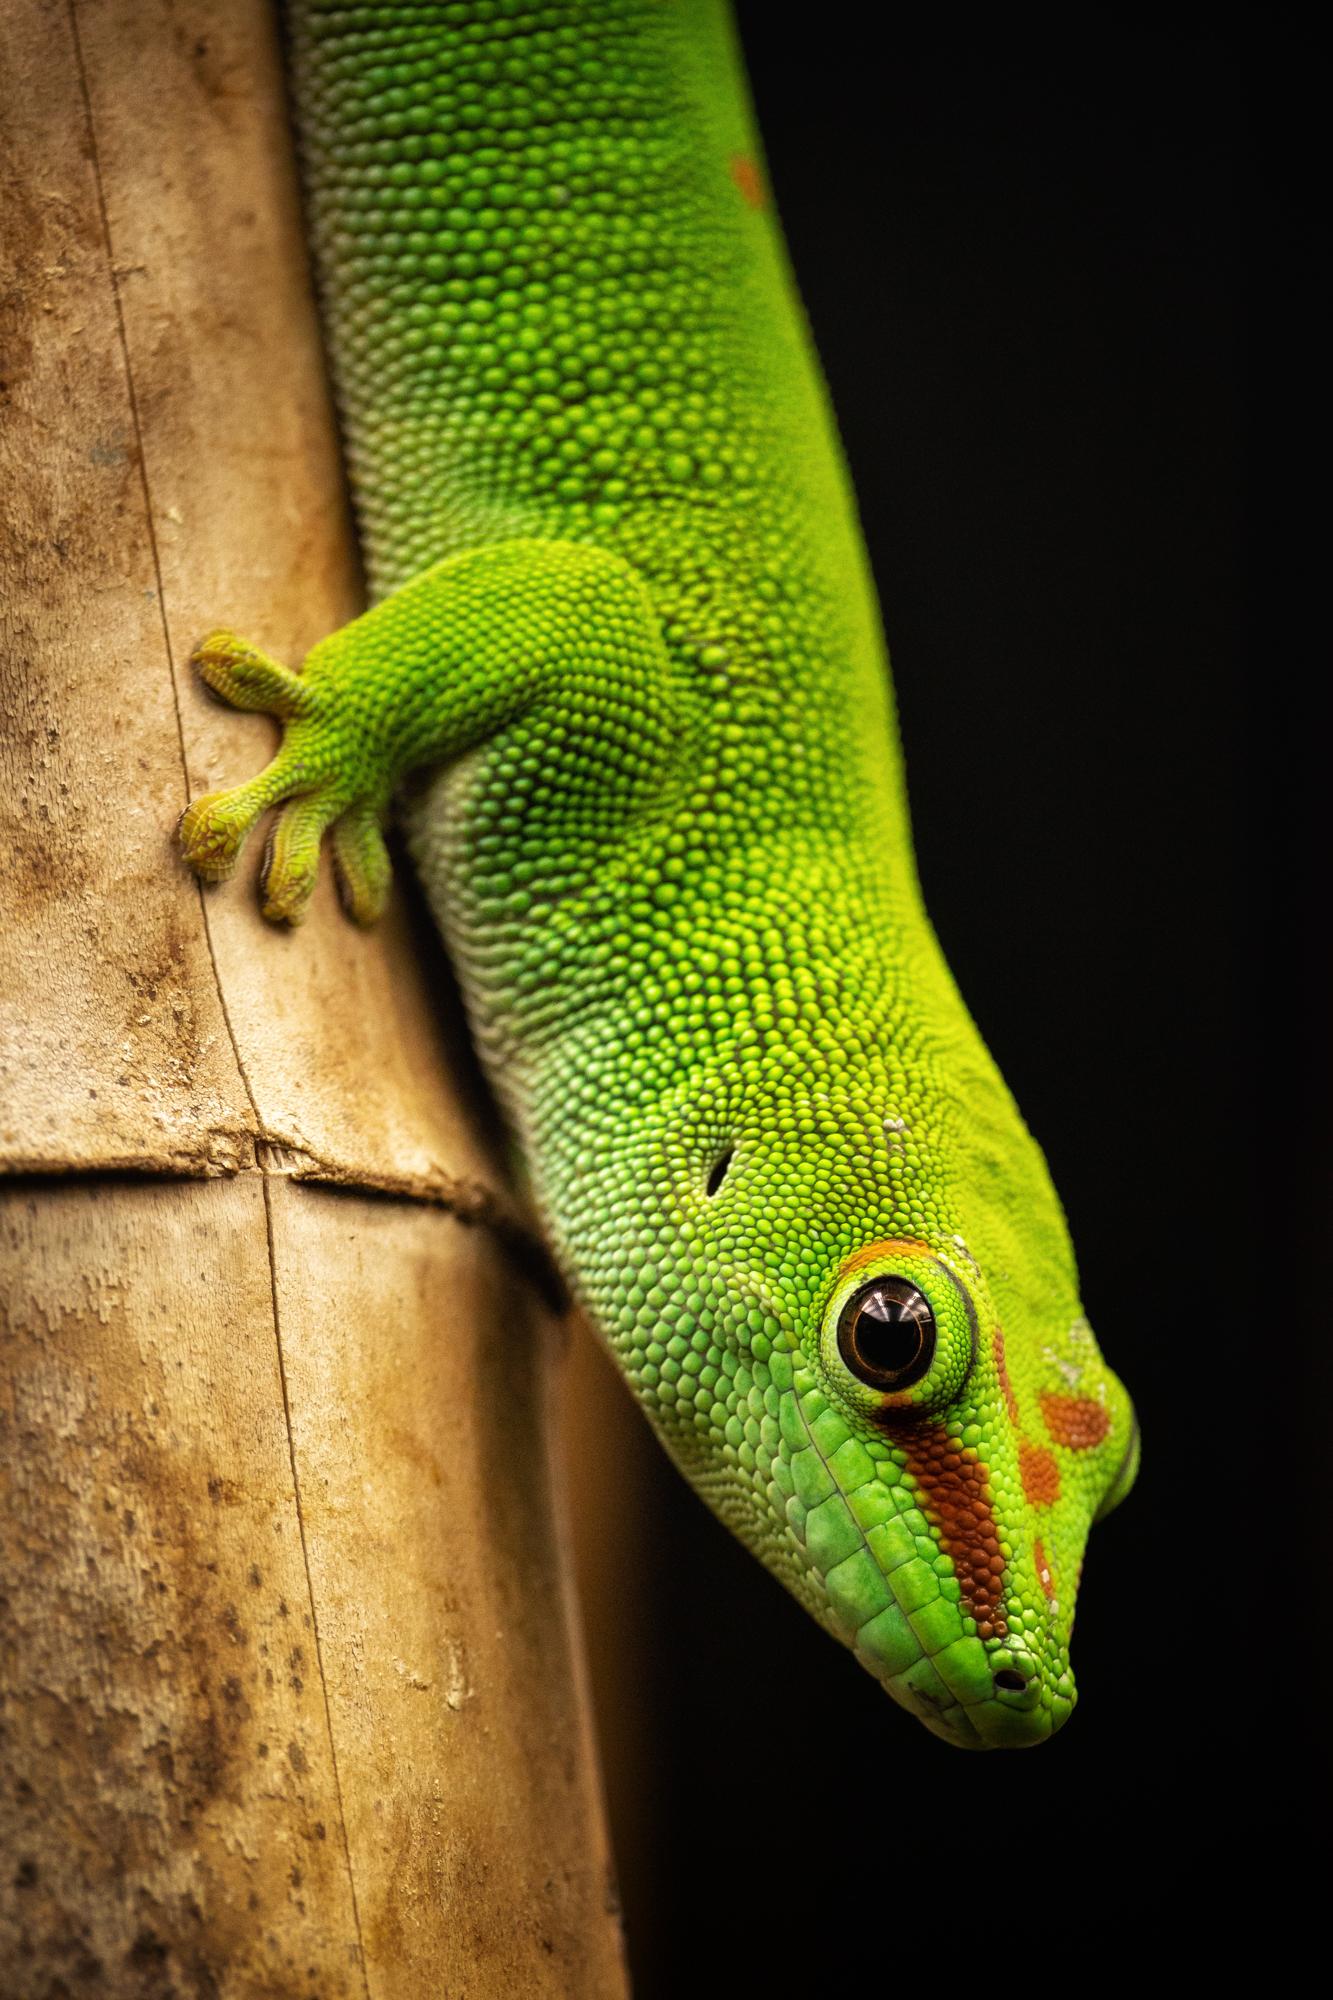 Madagaskar-Taggecko.